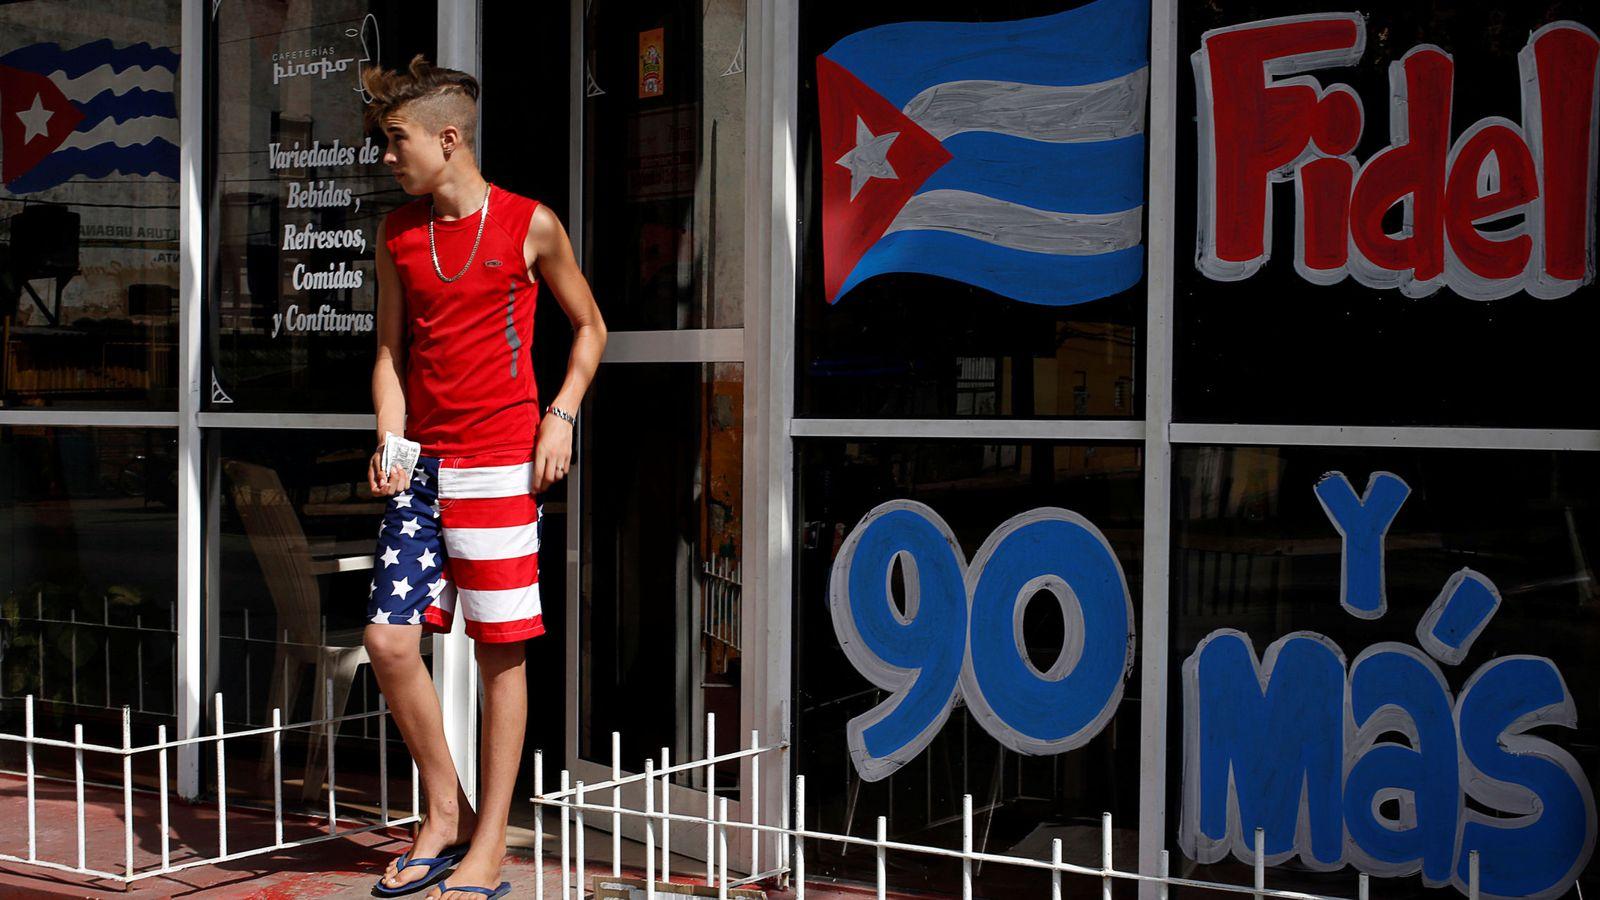 Foto: Un joven con unos pantalones con la bandera estadounidense sale de un restaurante en La Habana, en agosto de 2016 (Reuters)